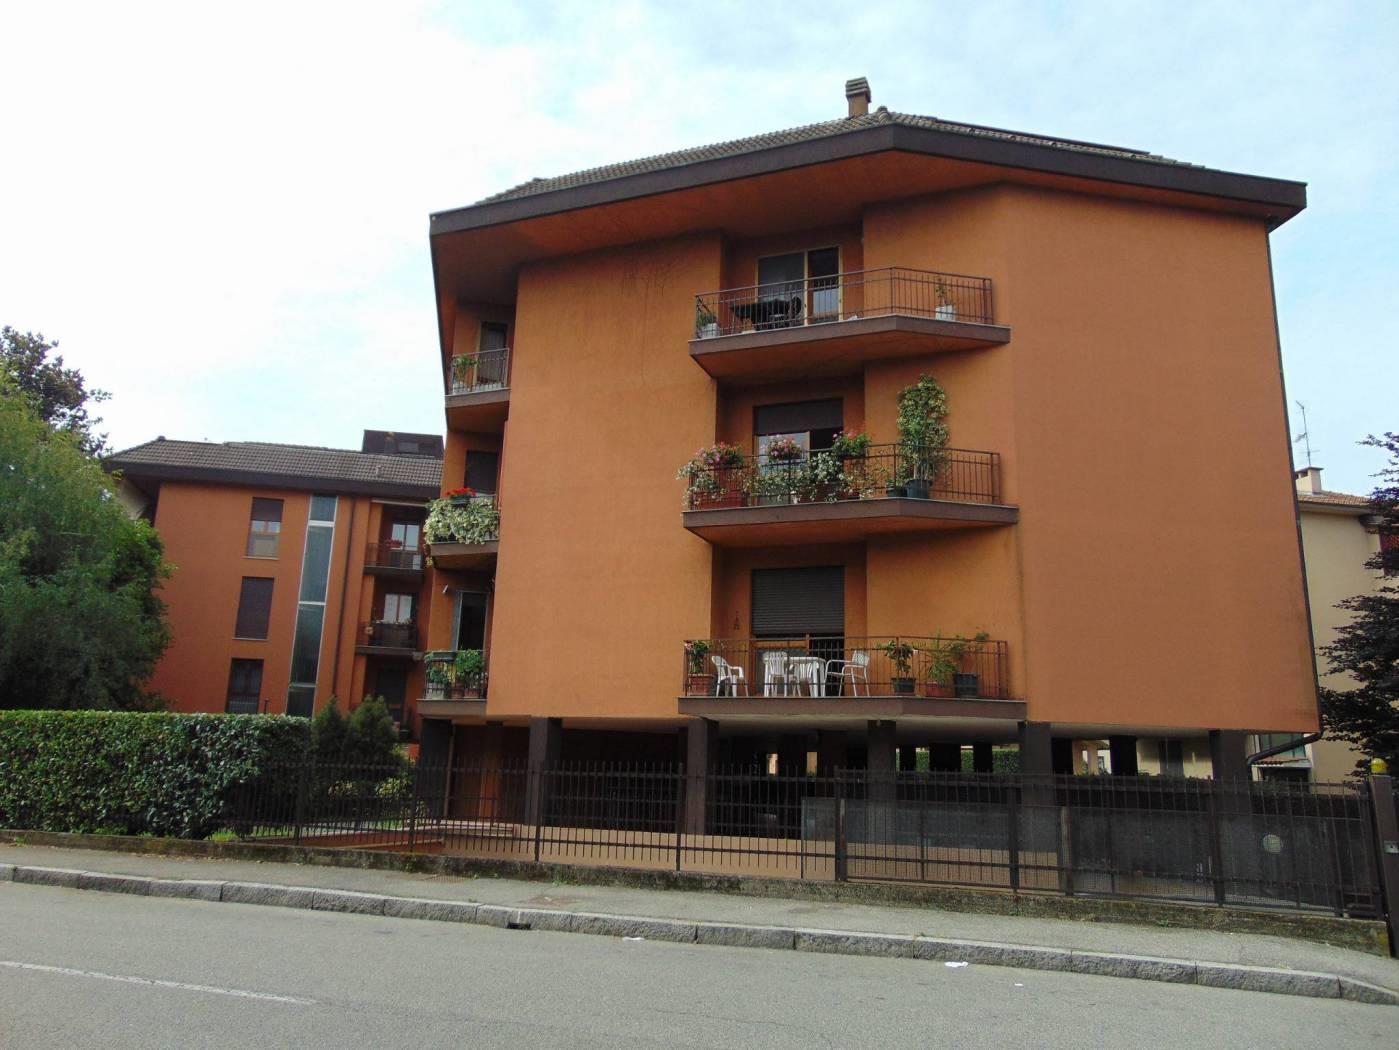 Foto 16 - Appartamento in Vendita - Monza, Zona San Giuseppe